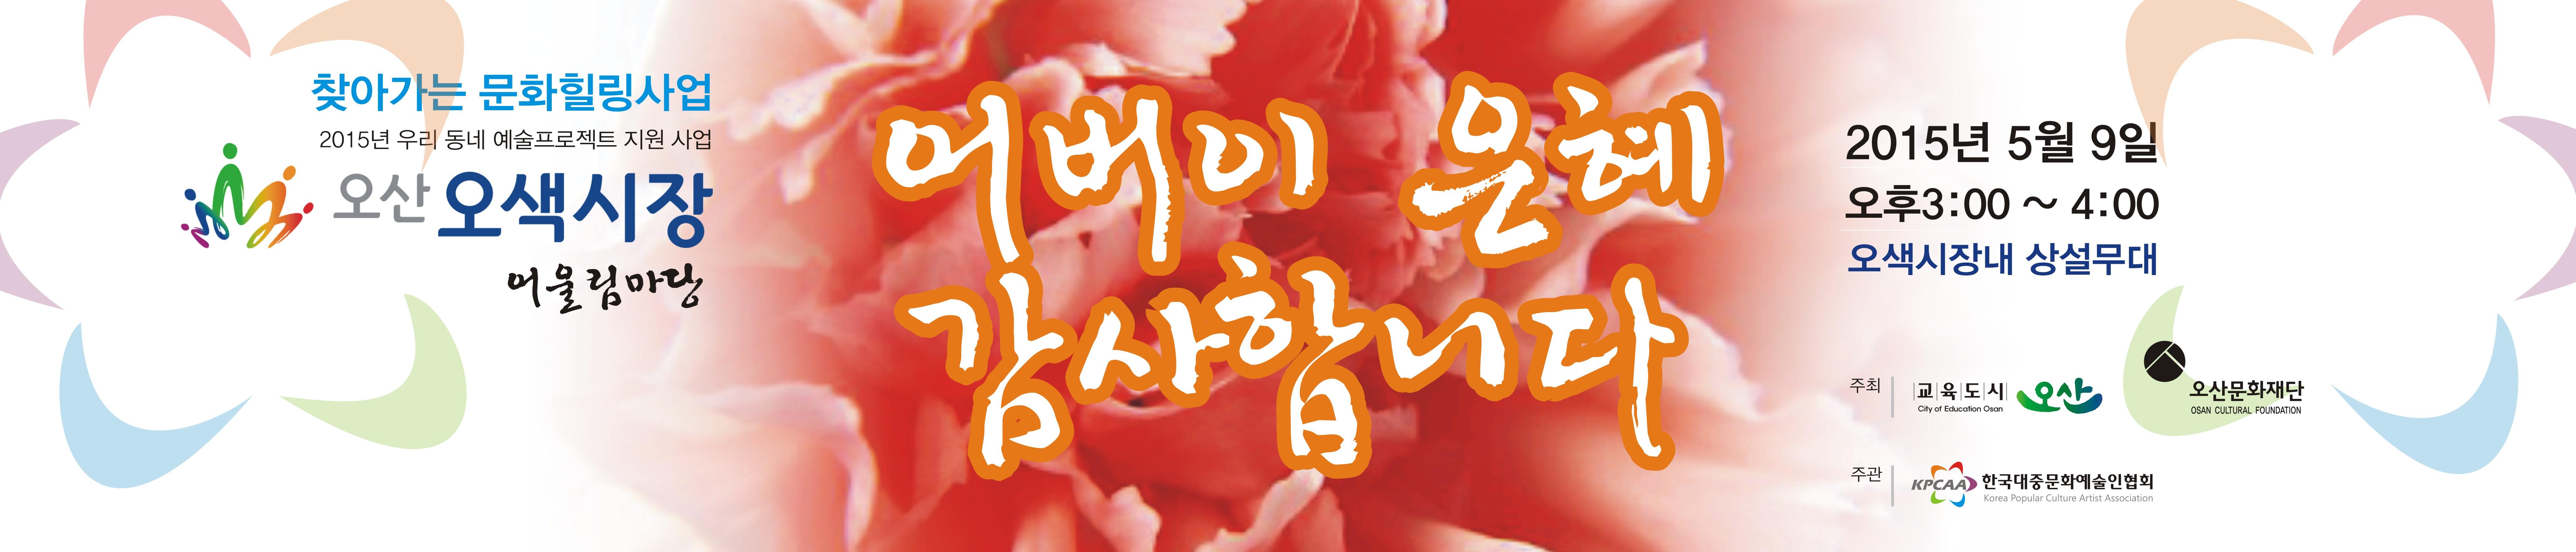 오산 오색시장 문화공연 150509